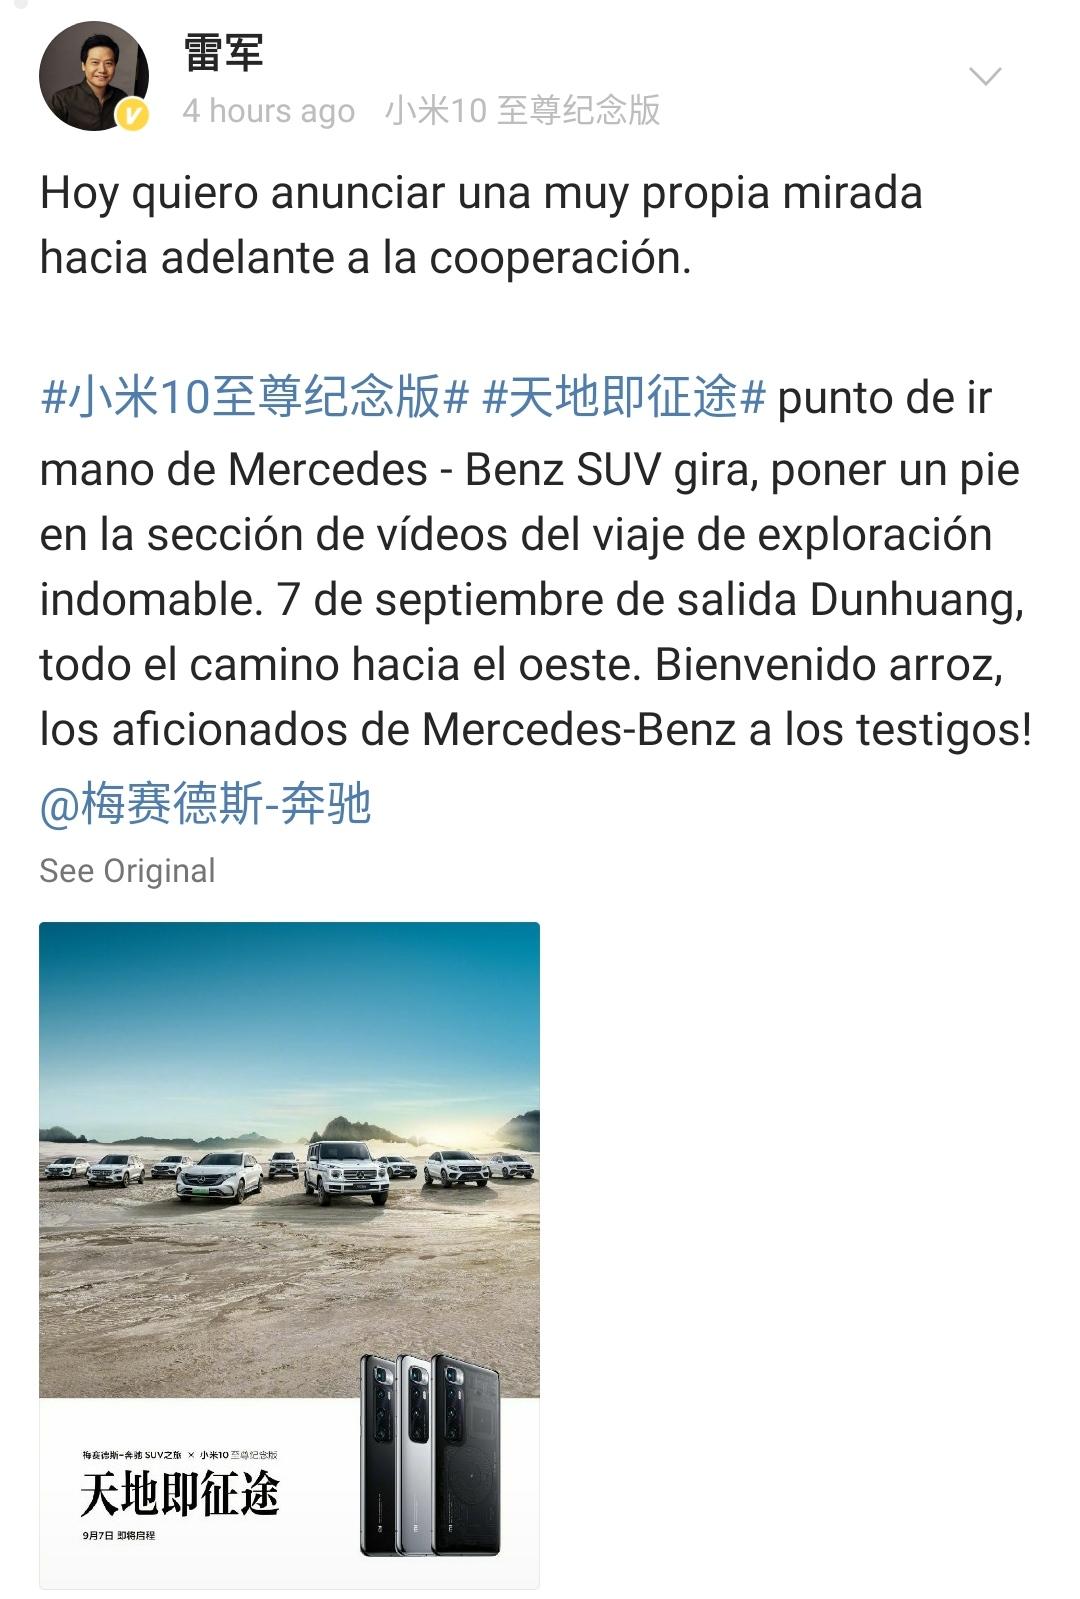 Xiaomi anuncia un nuevo acuerdo de cooperación con Mercedes Benz. Noticias Xiaomi Adictos